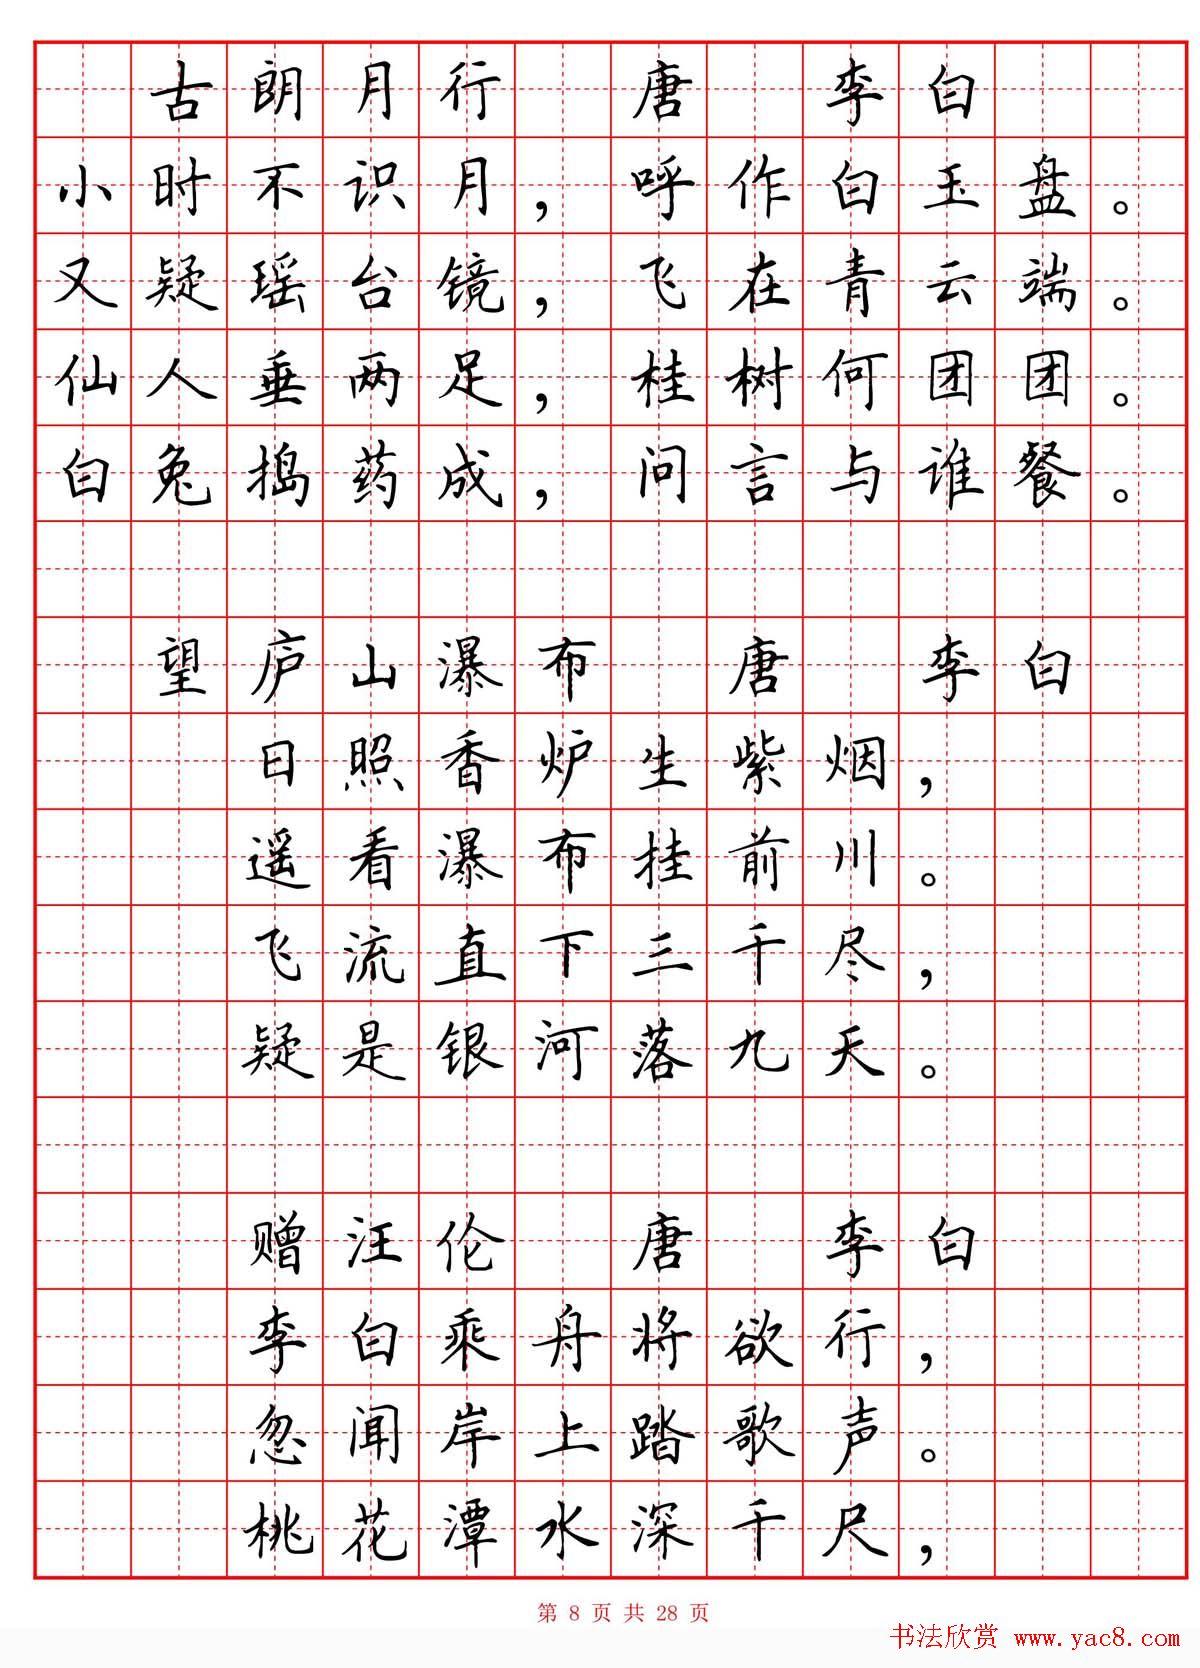 硬笔书法字帖 小学生必背古诗词八十首 第8页 钢笔字帖 书法欣赏图片